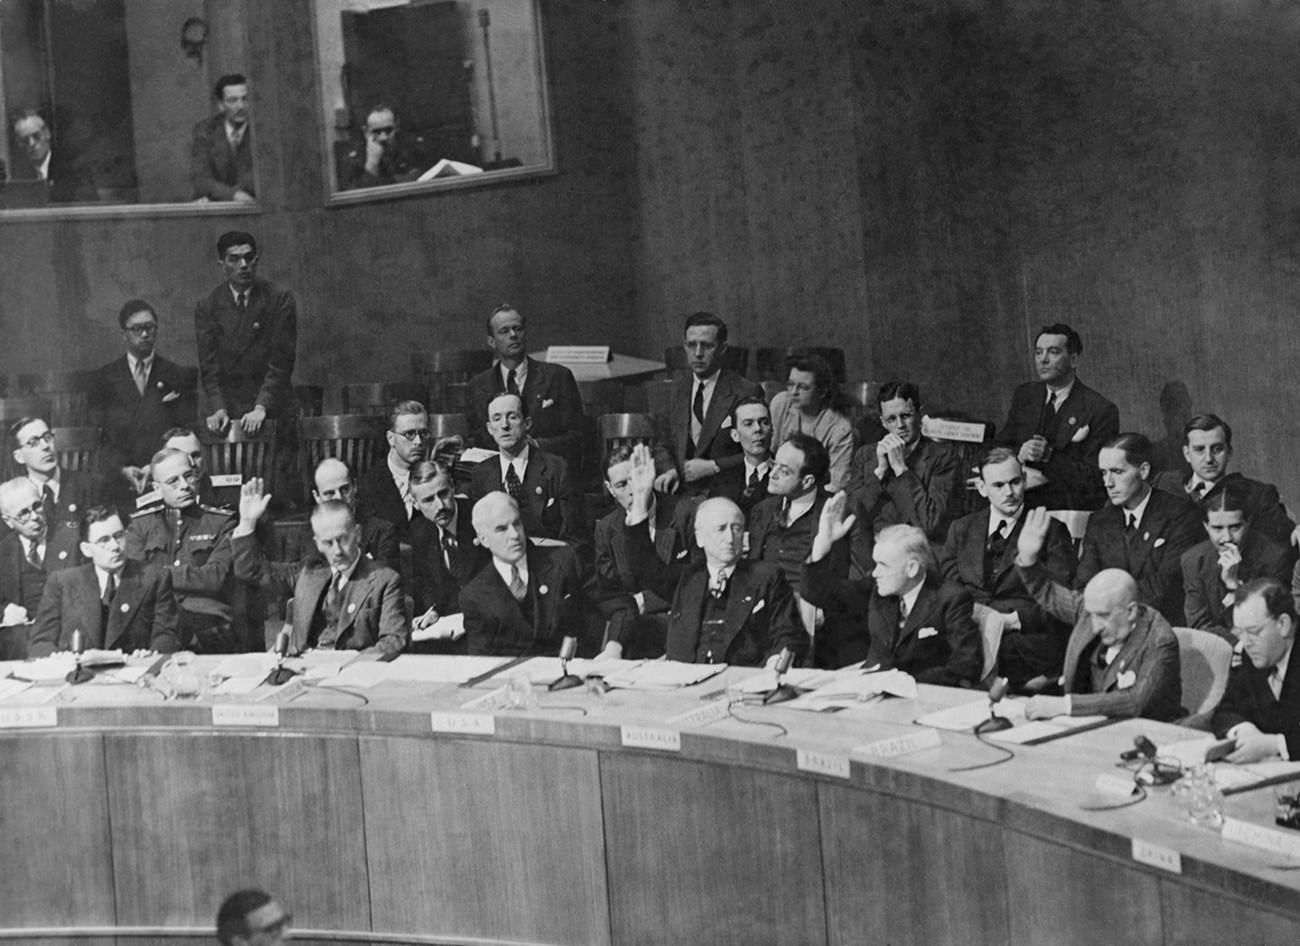 Conselho de Segurança da ONU vota a favor de nova rodada de conversações sobre a disputa entre Irã e URSS pelo Azerbaijão